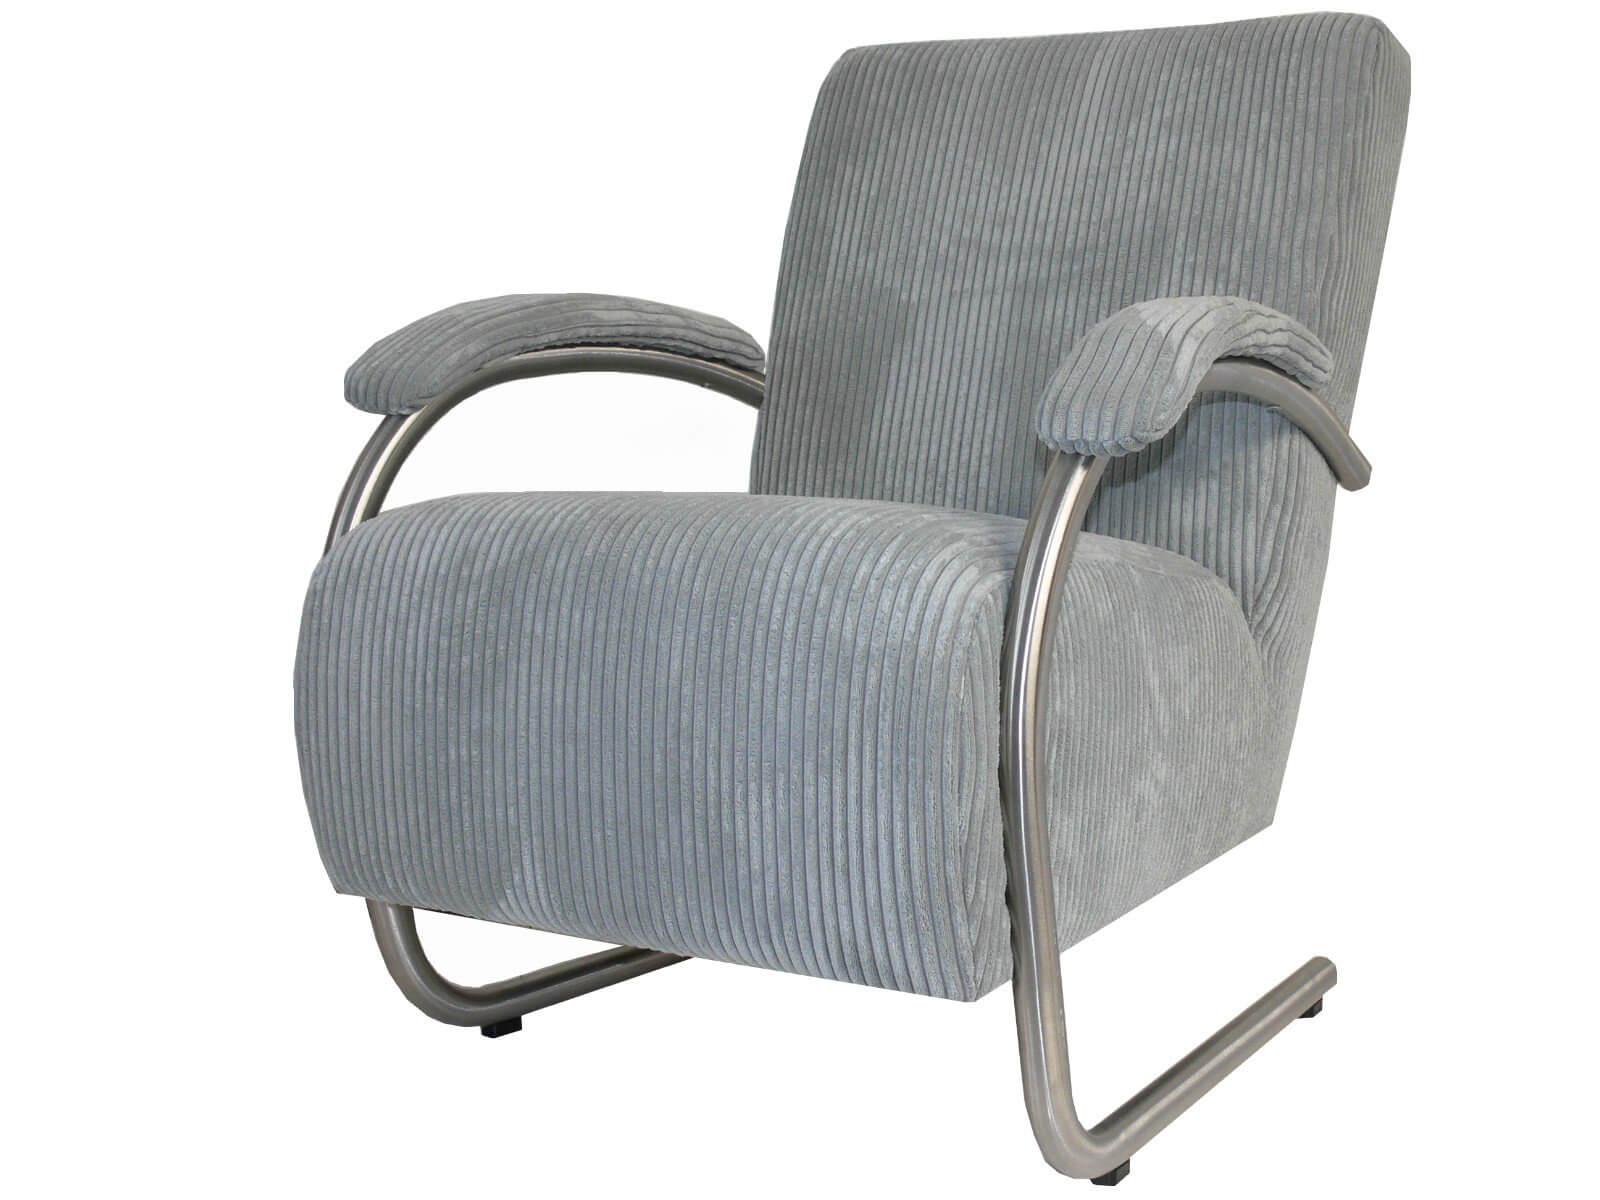 Moderne fauteuil vegas met ronder armleuningen van rvs afgewerkt